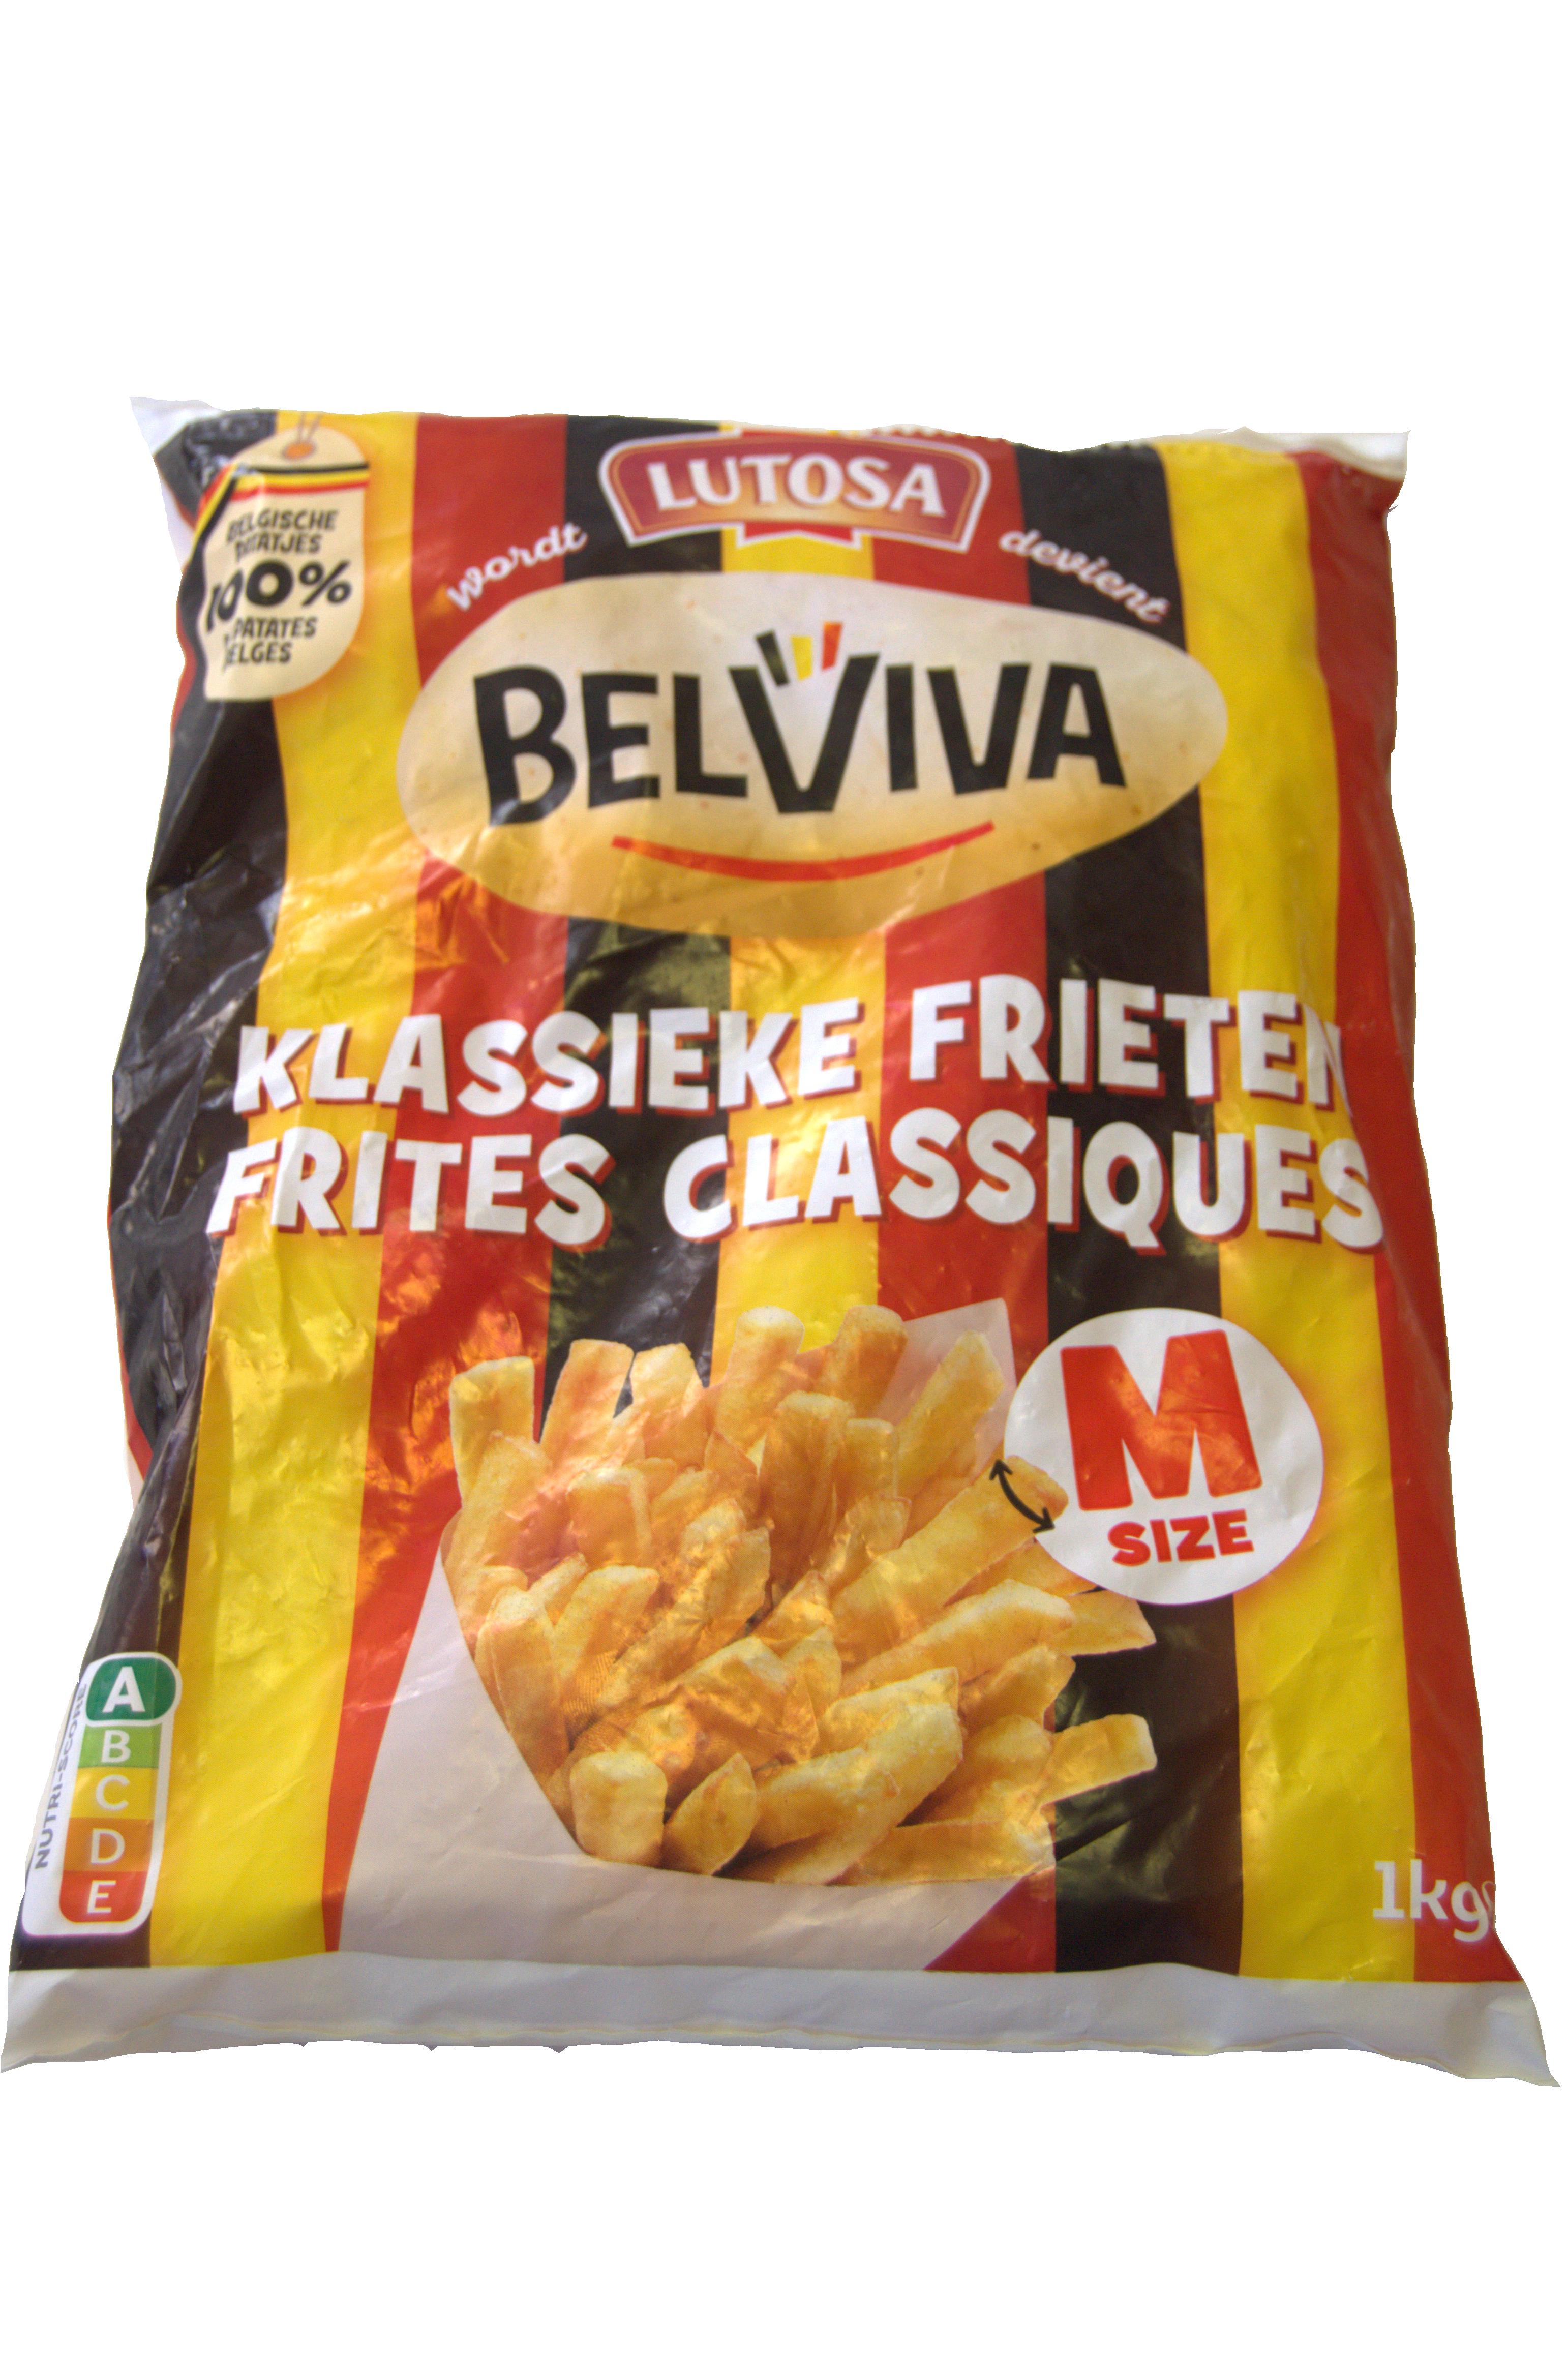 lutosa classic friet 1 kg